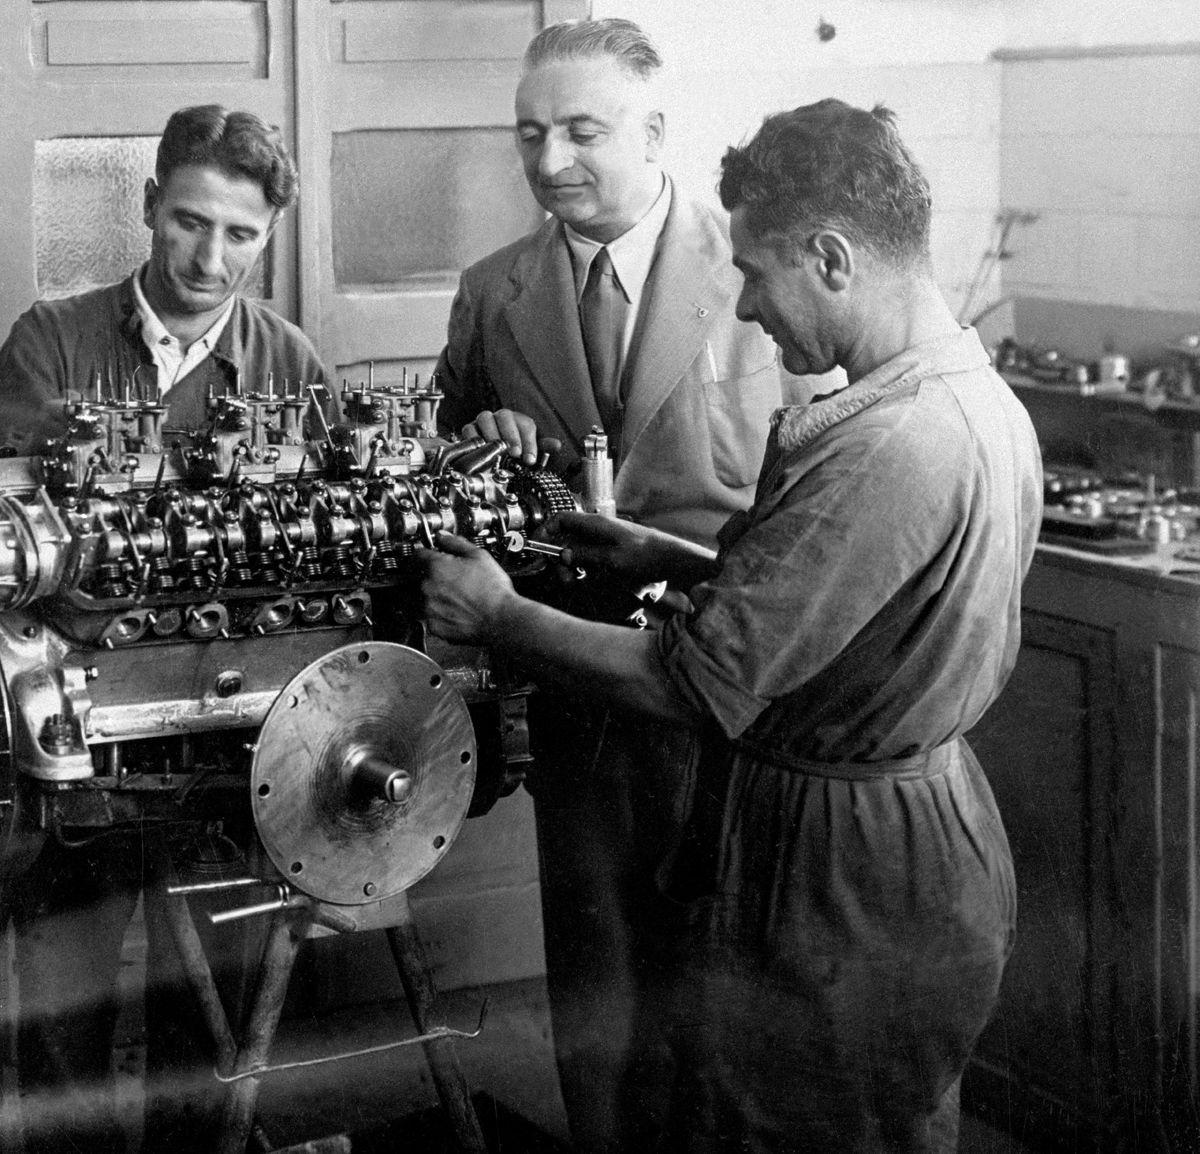 - Enzo Ferrari in Fabbrica - Il motore in fase di montaggio Ai?? probabilmente il 12 cilindri a V di 1995 cmc. (evoluzione potenziata del motore 125 S)